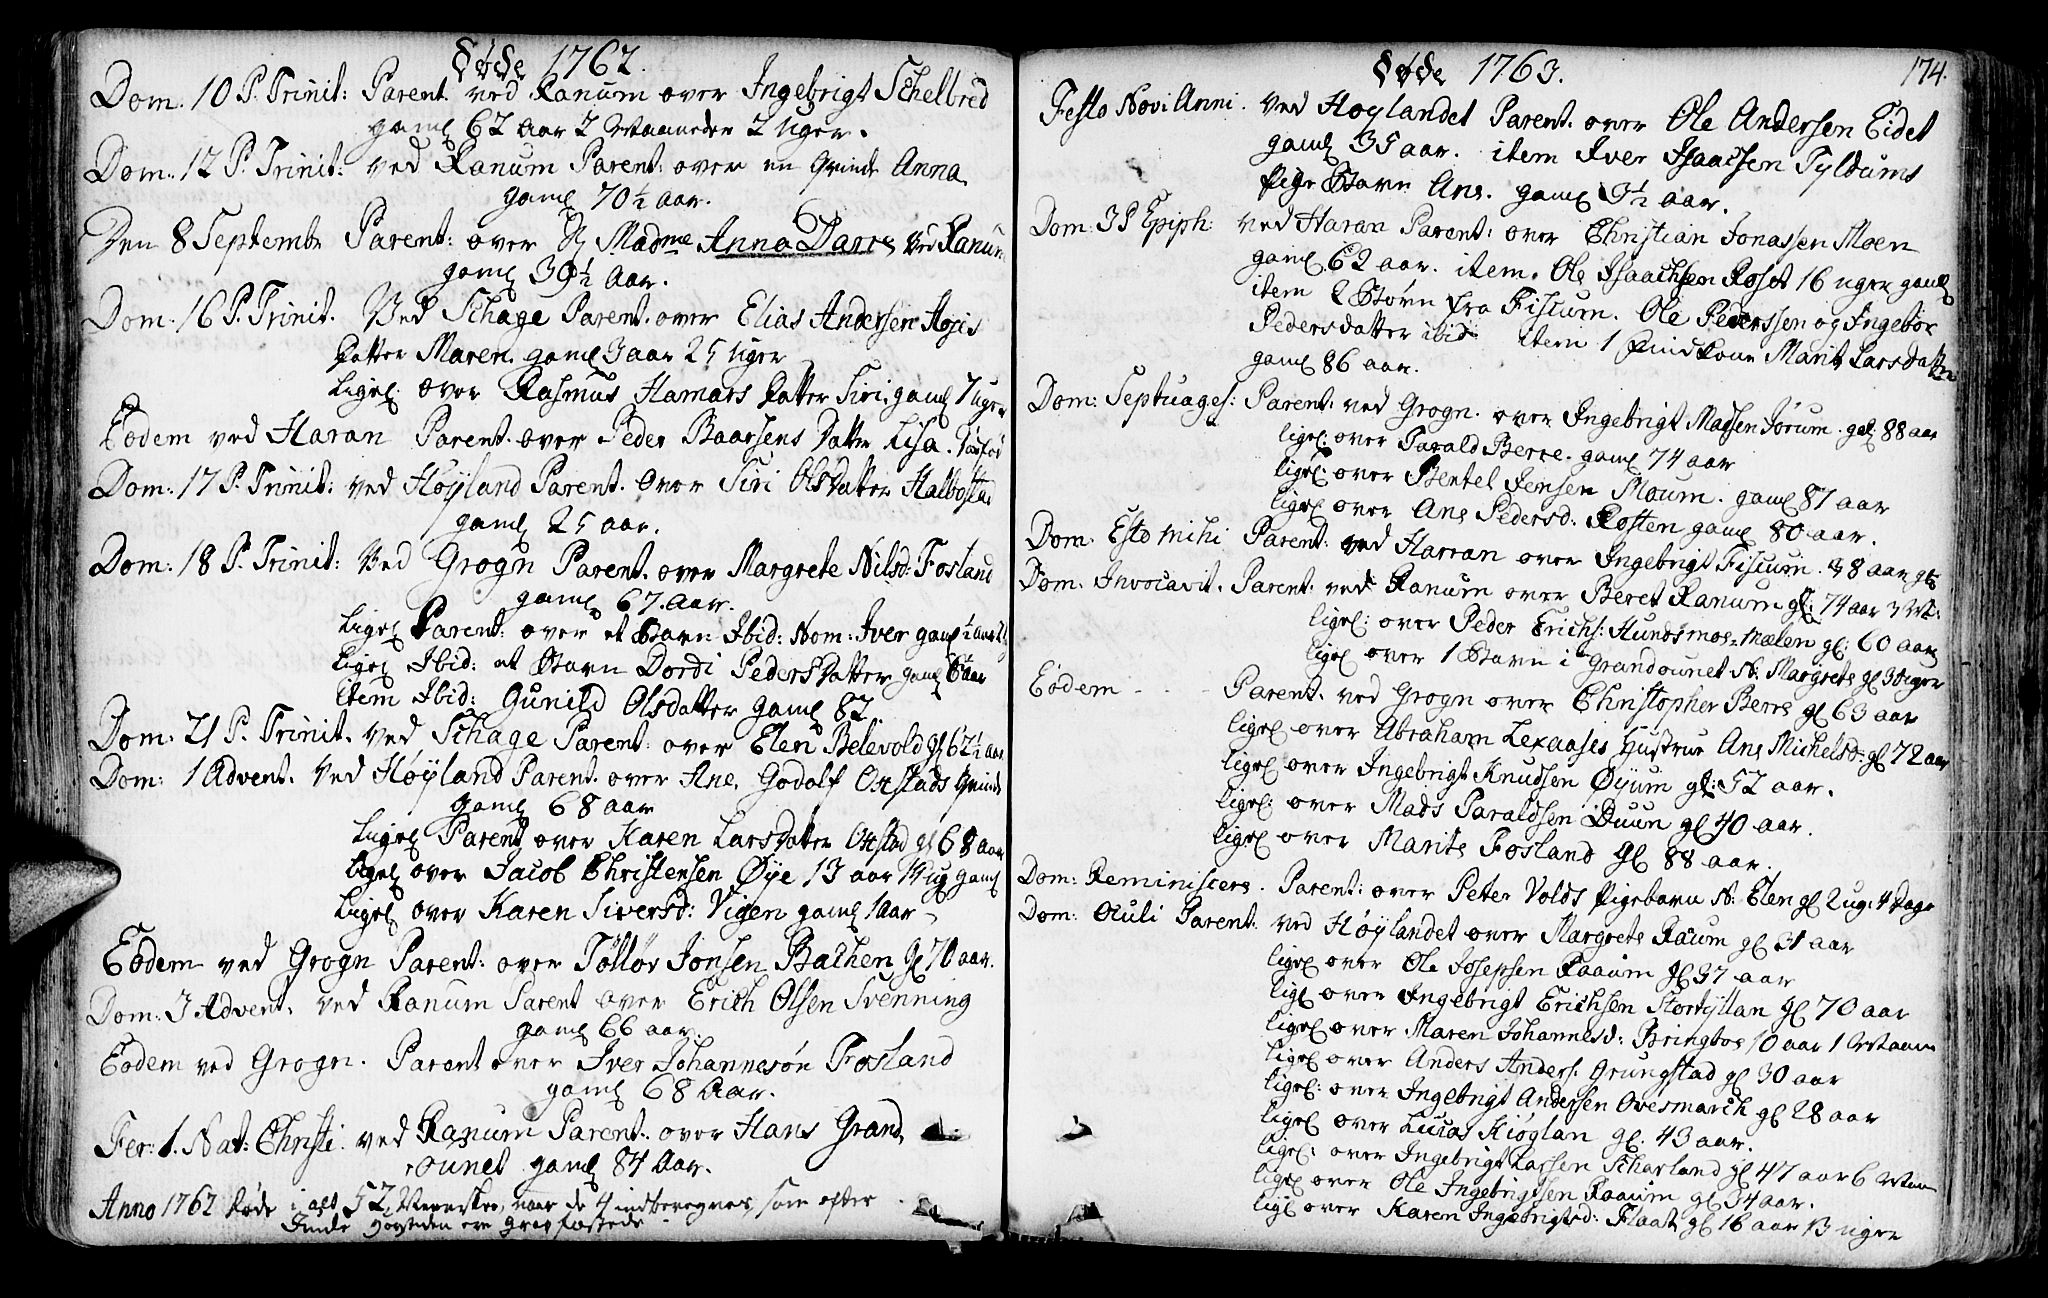 SAT, Ministerialprotokoller, klokkerbøker og fødselsregistre - Nord-Trøndelag, 764/L0542: Ministerialbok nr. 764A02, 1748-1779, s. 174